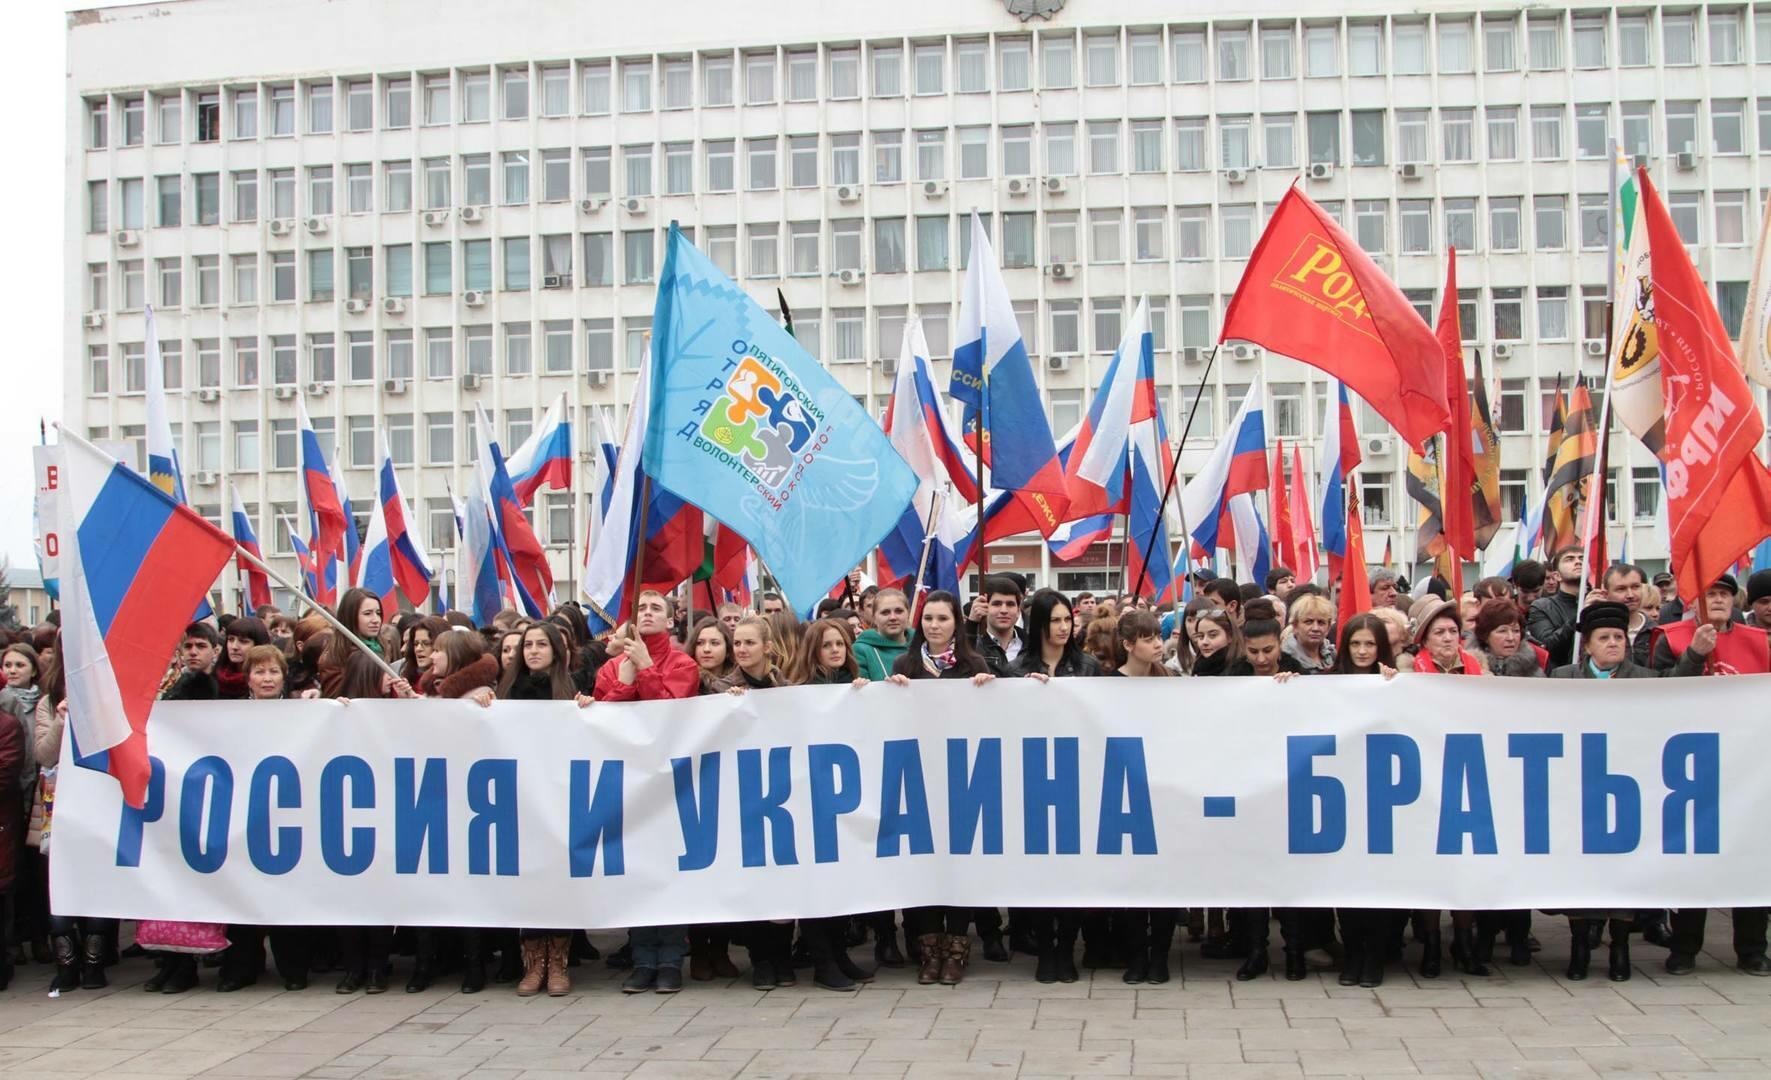 Картинки россия и украина братья, открытки